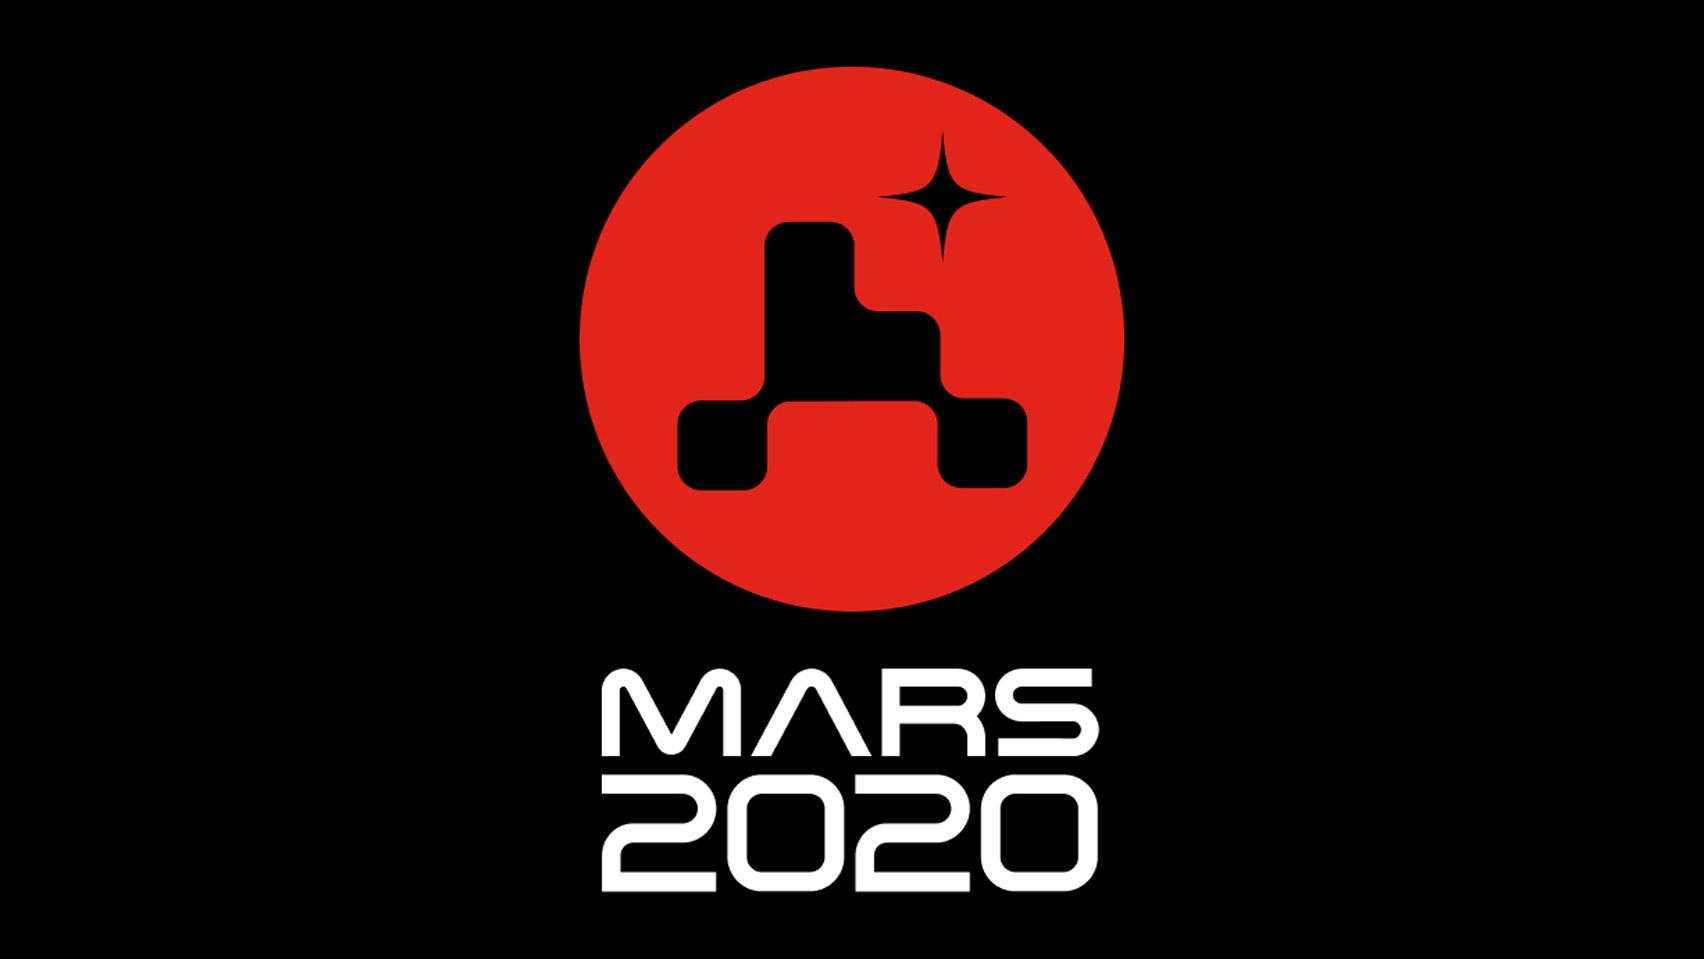 Новое минималистичное лого миссии NASA Mars 2020